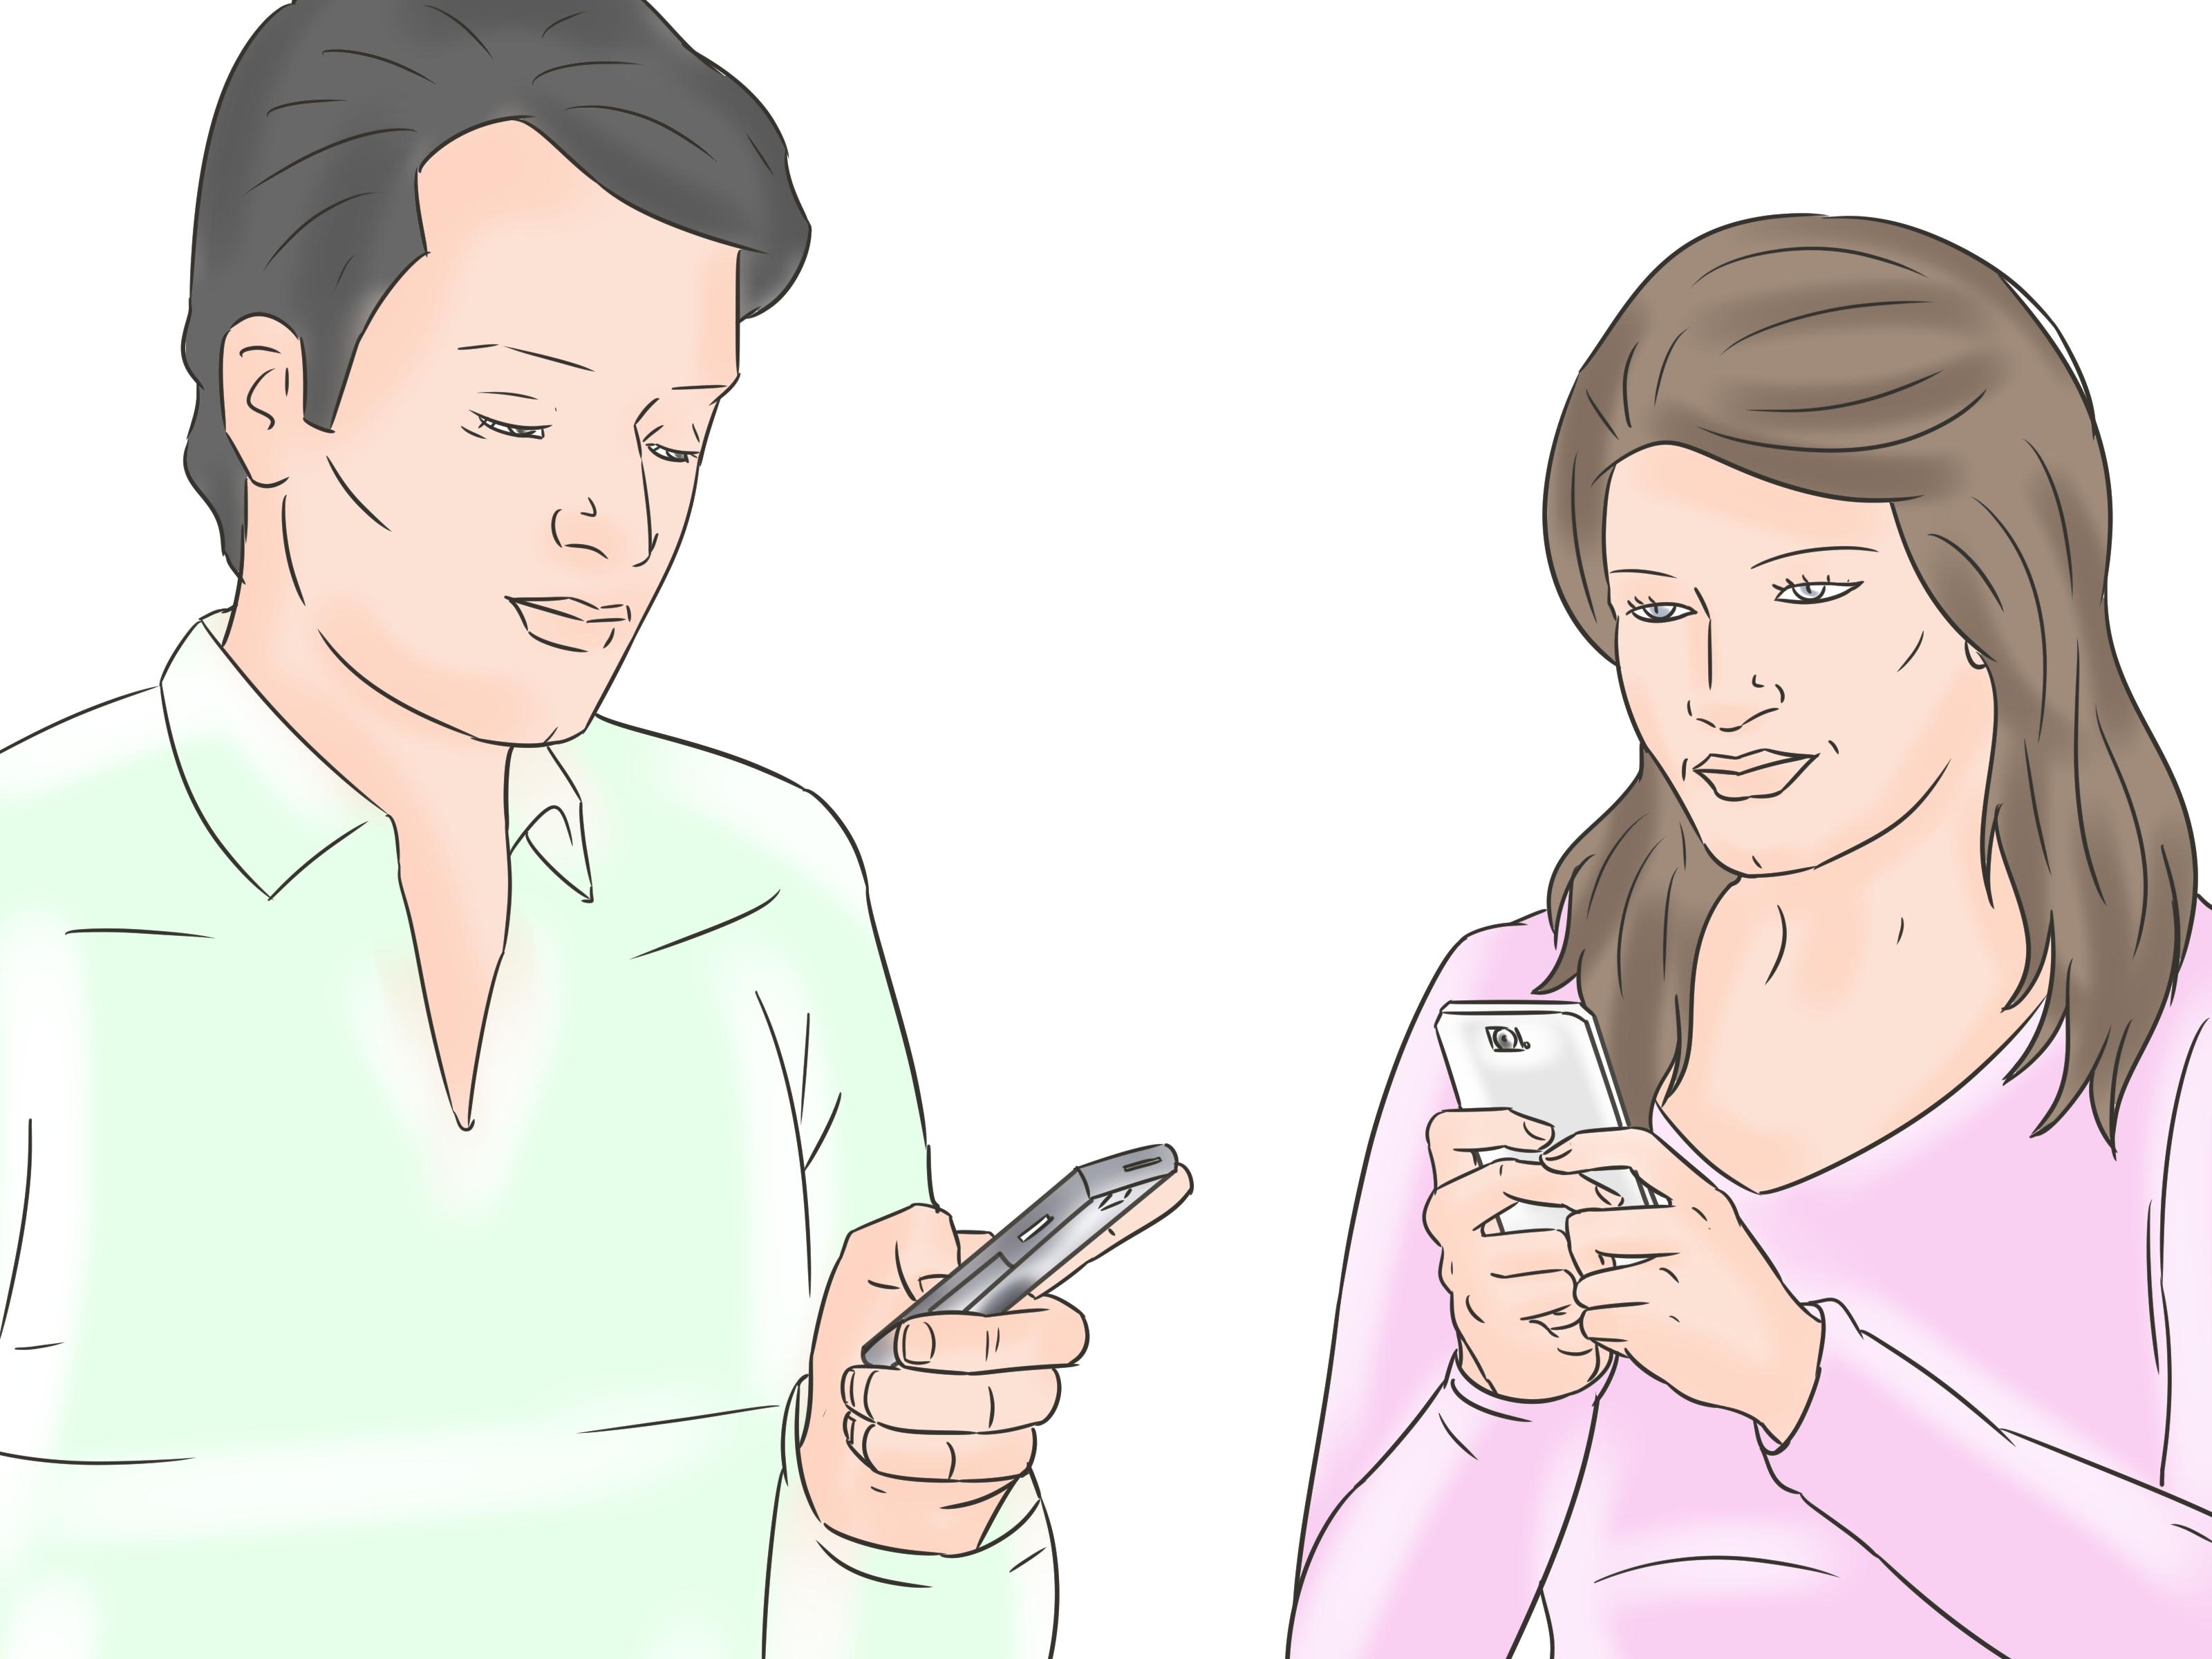 Como conocer chicos arabes sexo whatsapp Lérida-11857